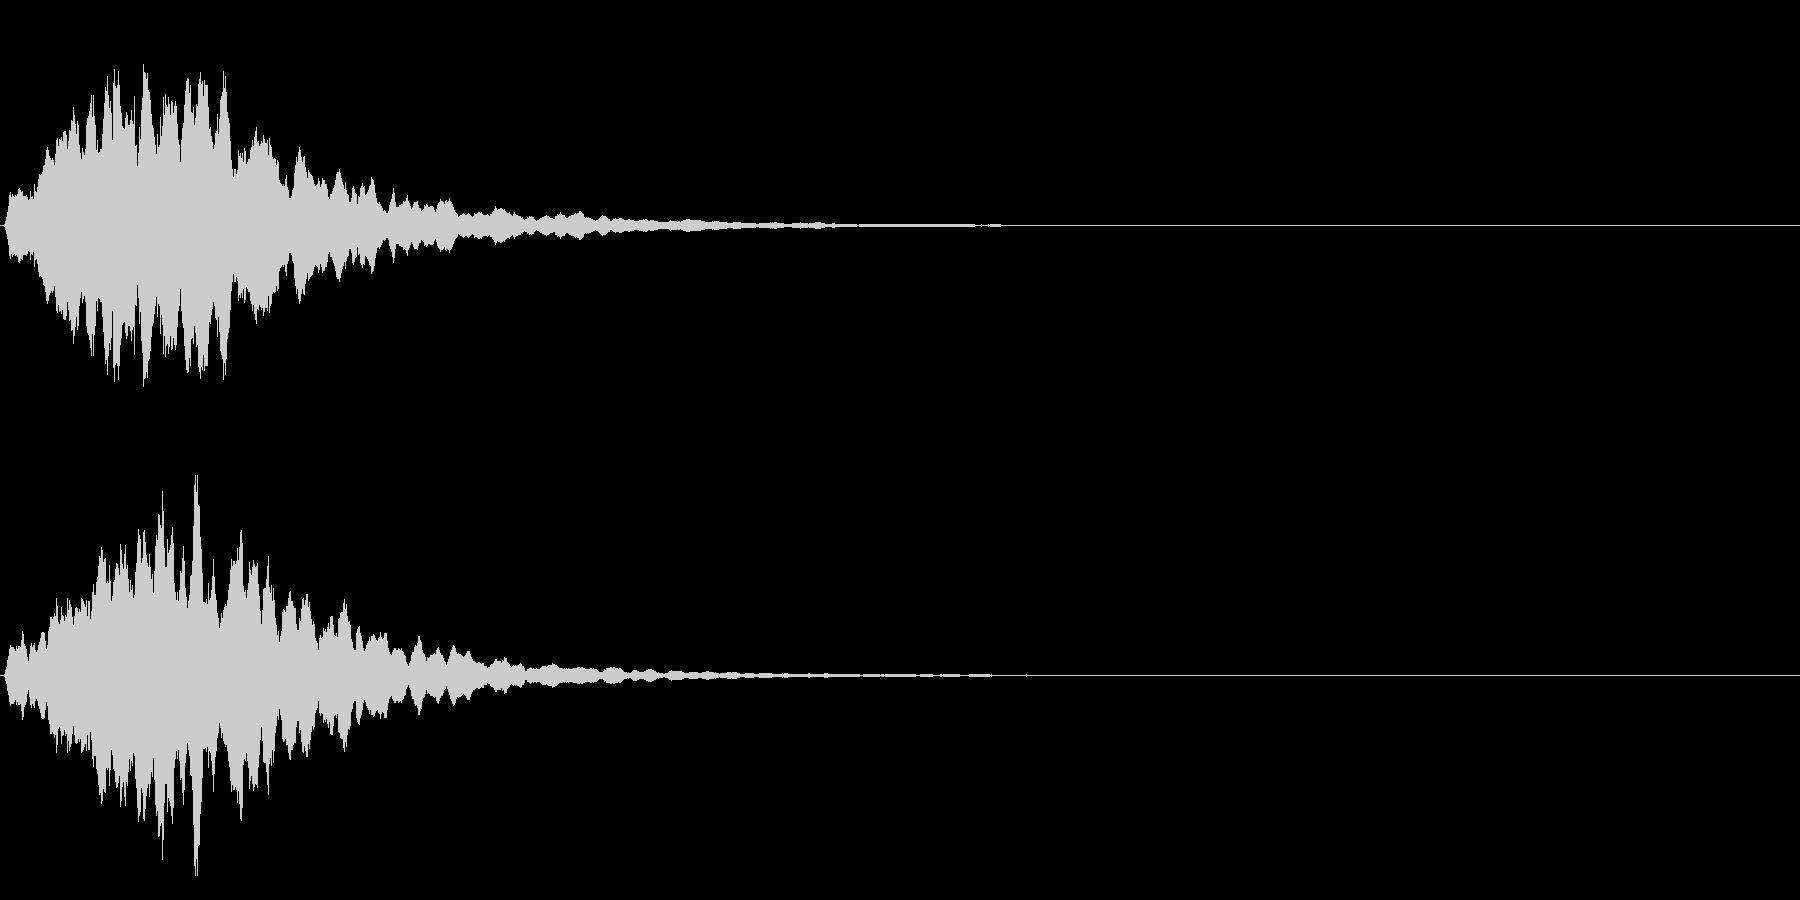 ゲームスタート、決定、ボタン音-004の未再生の波形